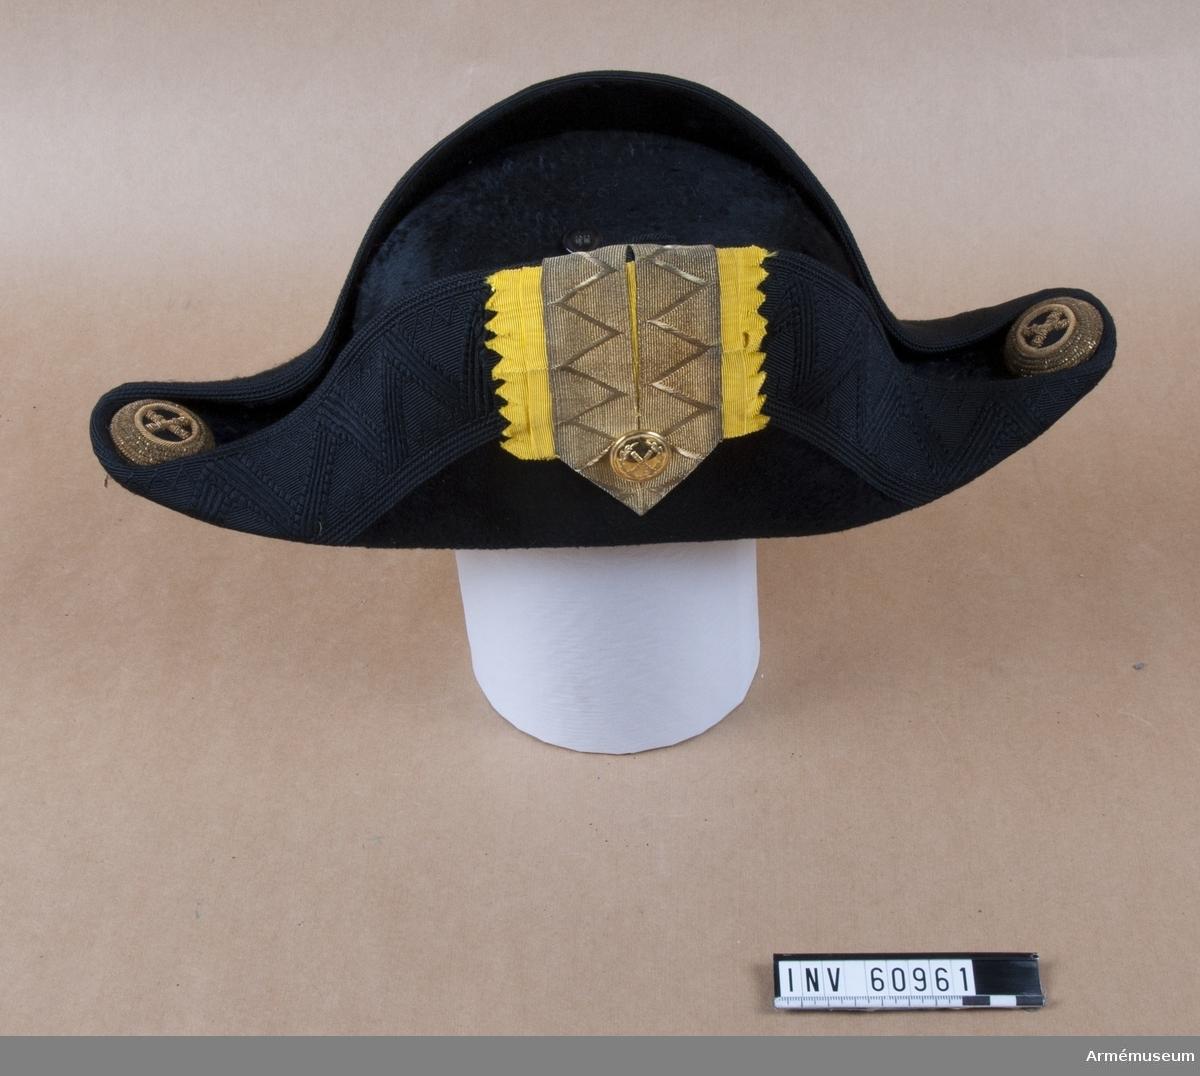 Grupp C I. Trekantig hatt med samhörane träfodral. Ur uniform för major vid Generalstaben, bestående av vapenrock, epåletter, axelklaffar, hatt med plym.